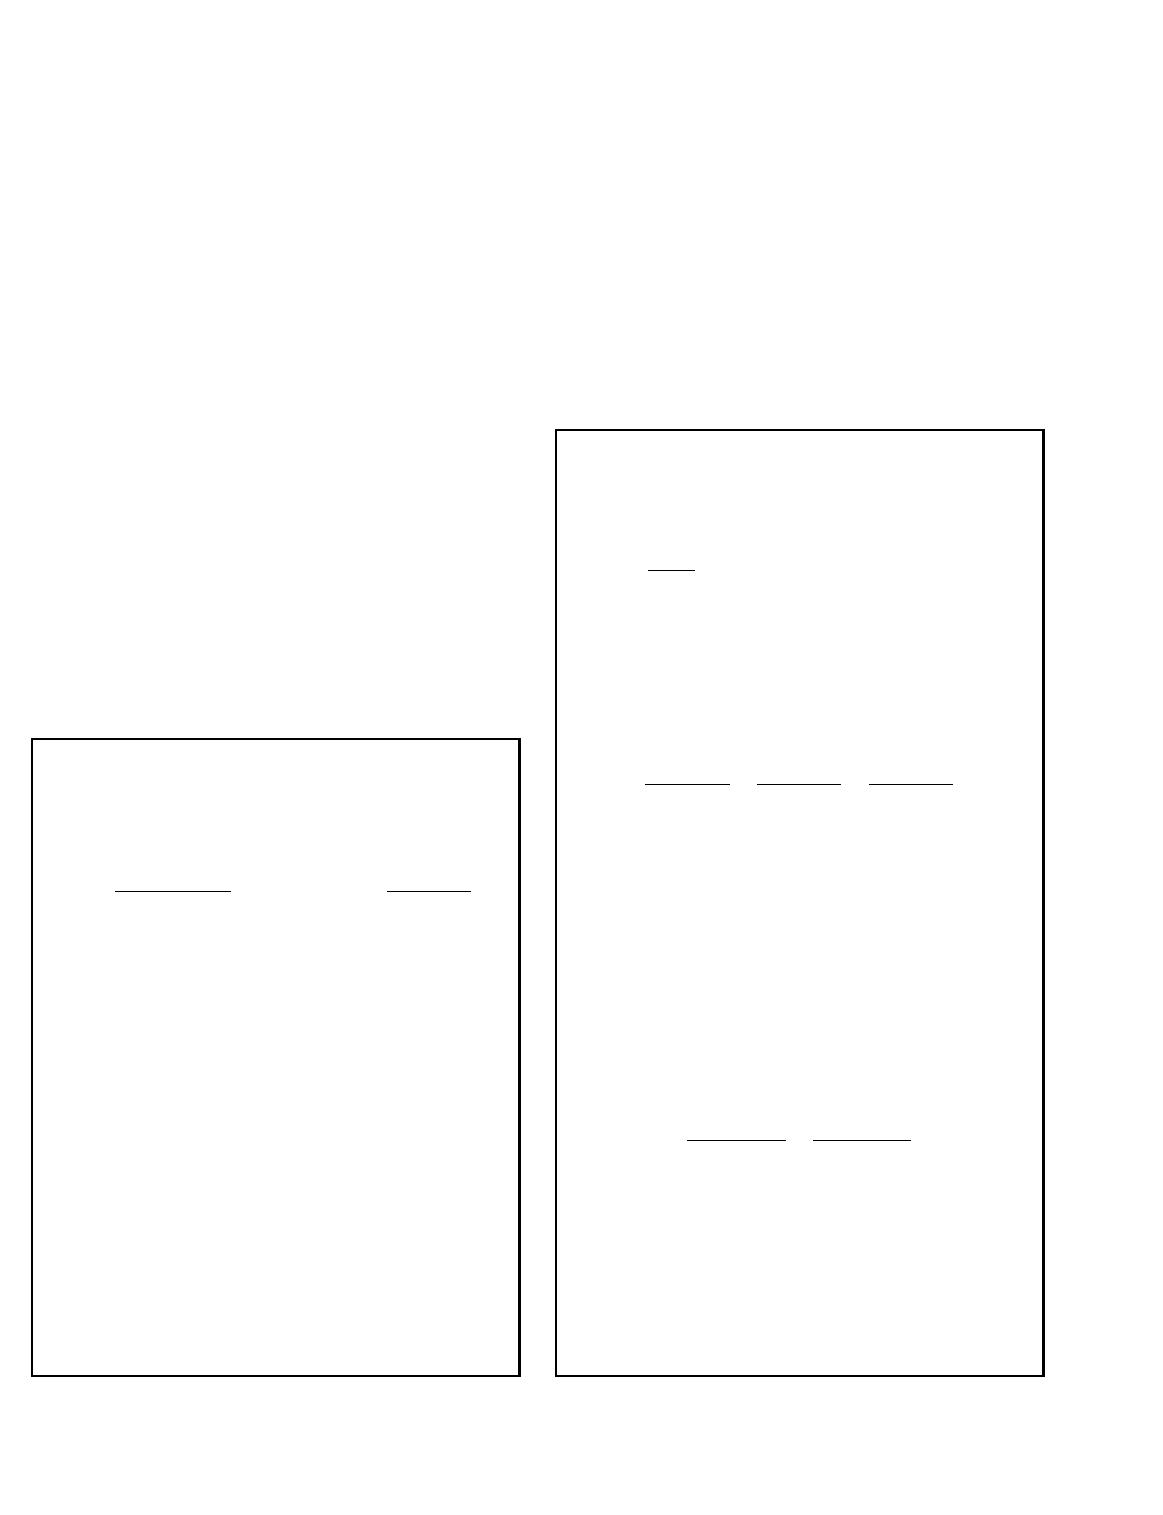 Slug Catcher Sizing Spreadsheet Intended For Slug Catcher Sizing  [Pdf Document]